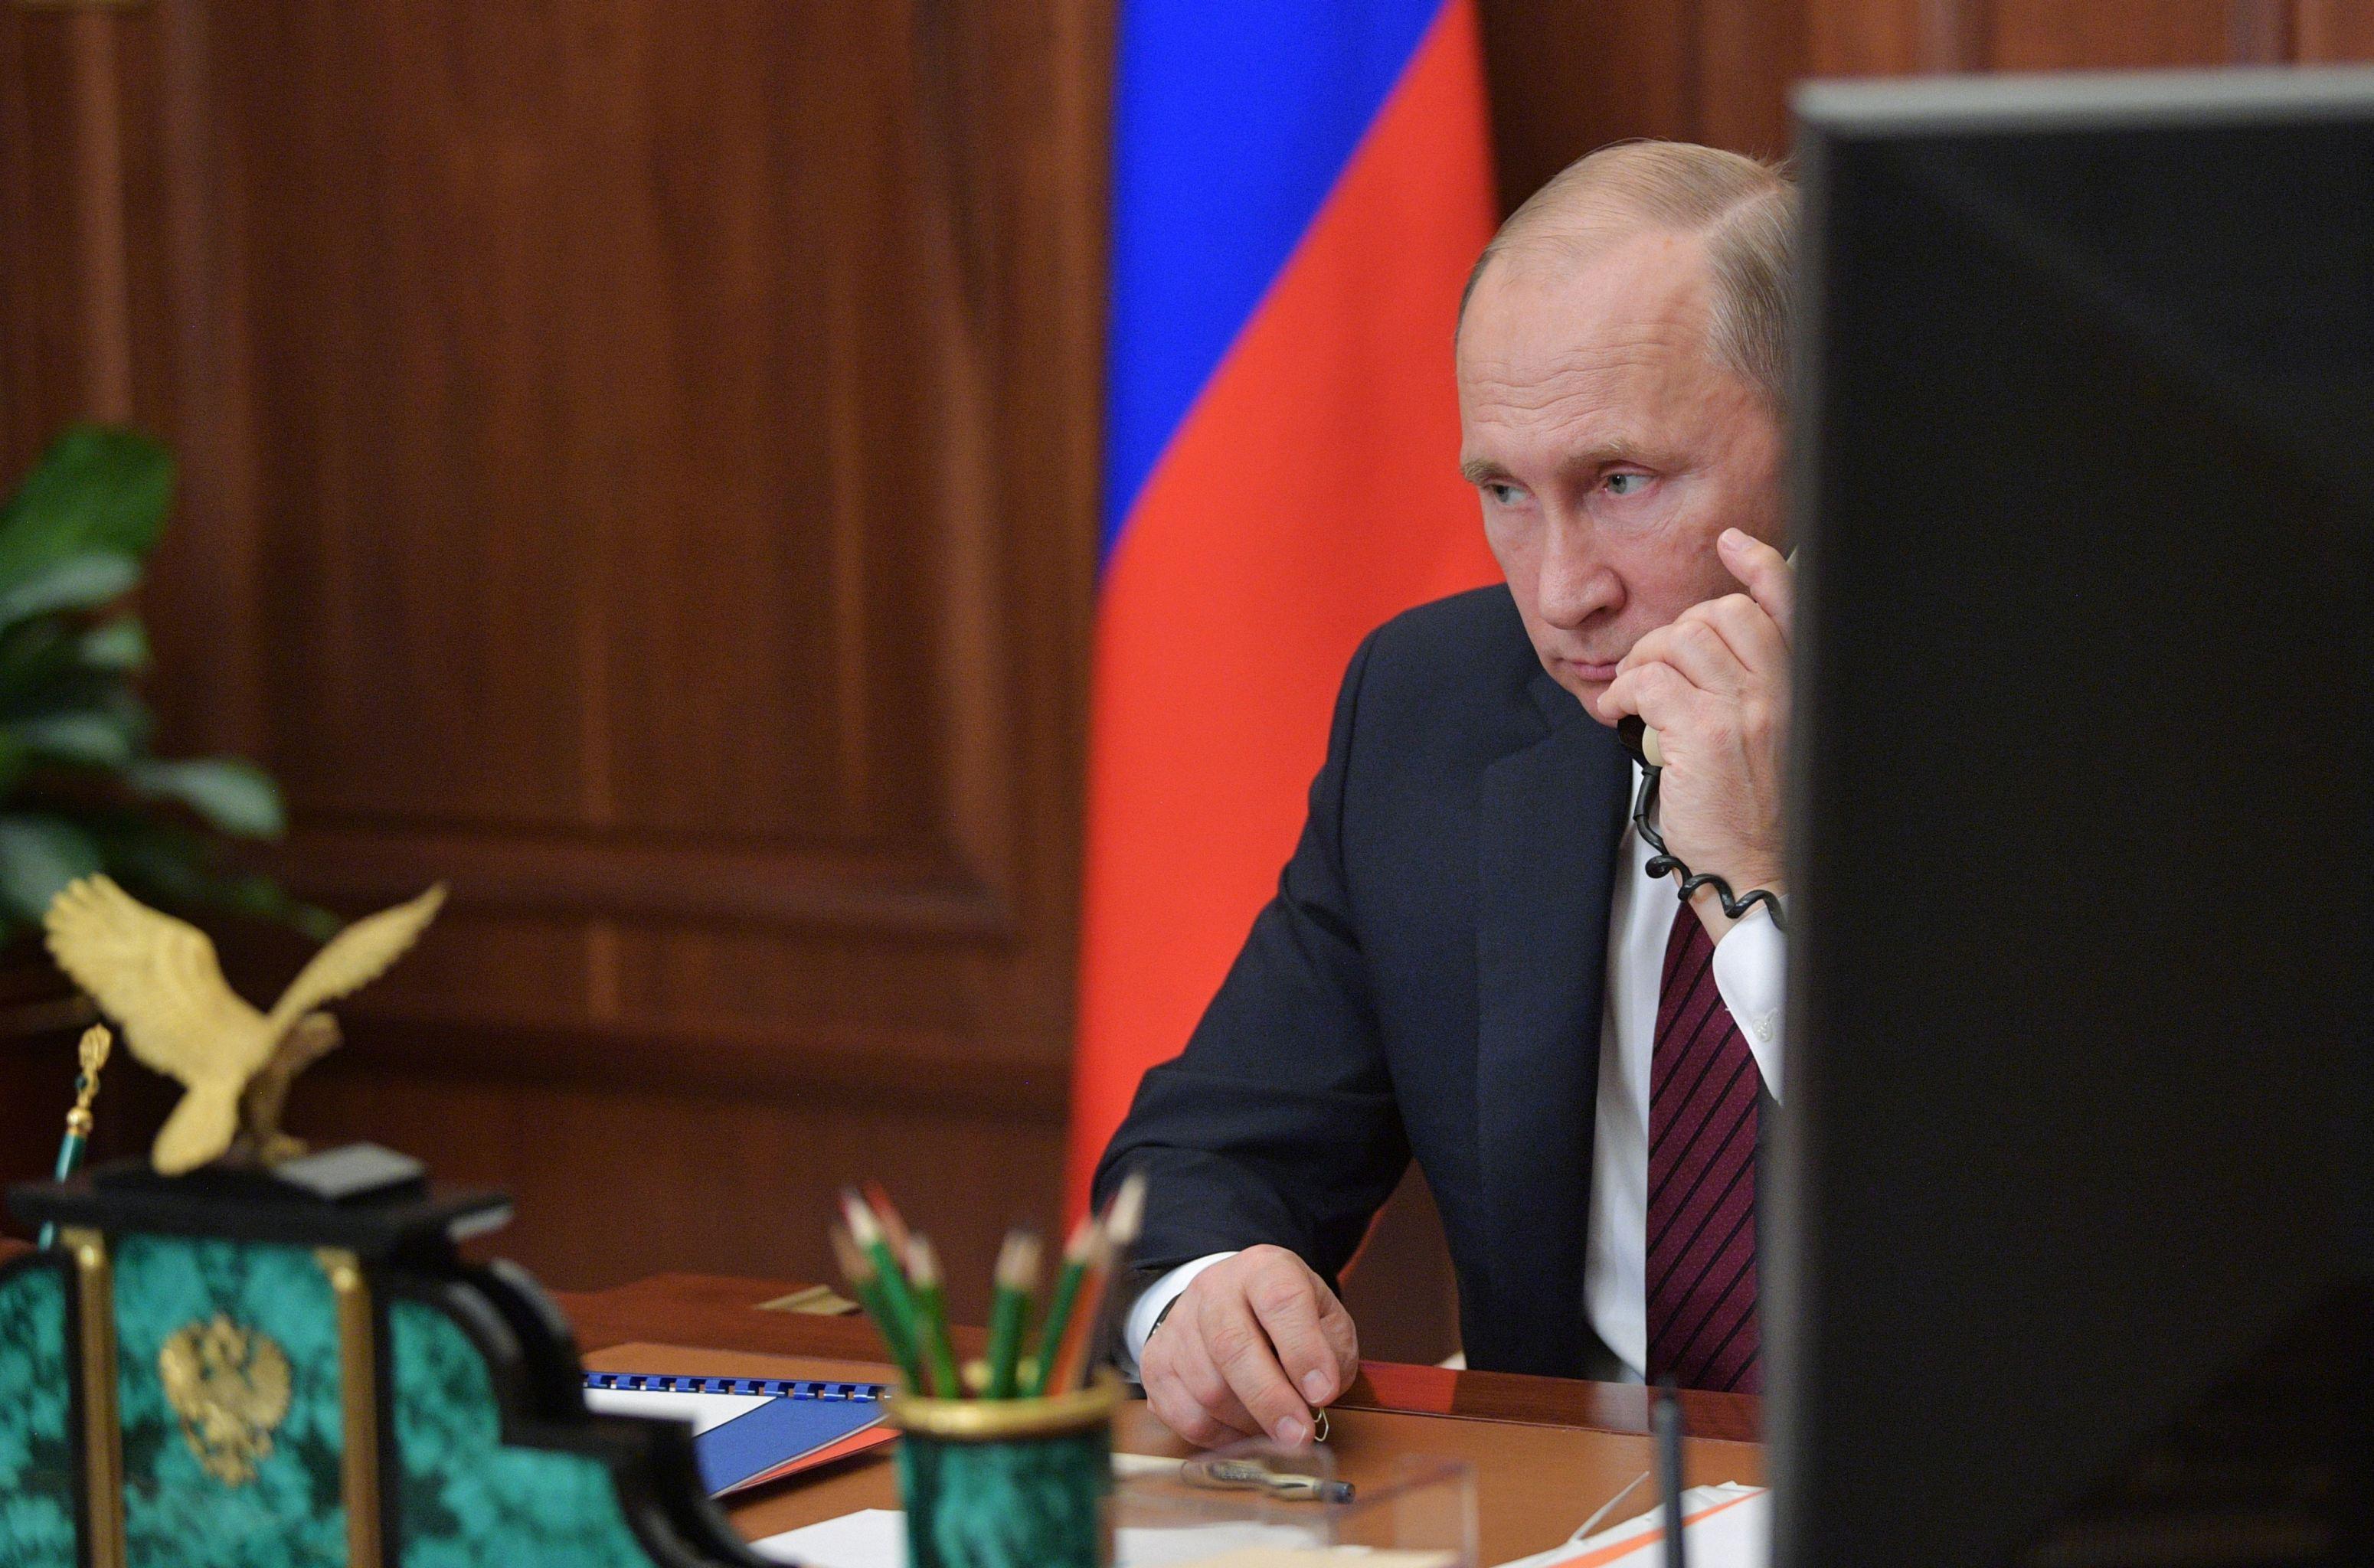 Marea Britanie şi Polonia, preocupate de campaniile Rusiei în sensul dezinformării: `Kremlinul încearcă să submineze sistemul internaţional`